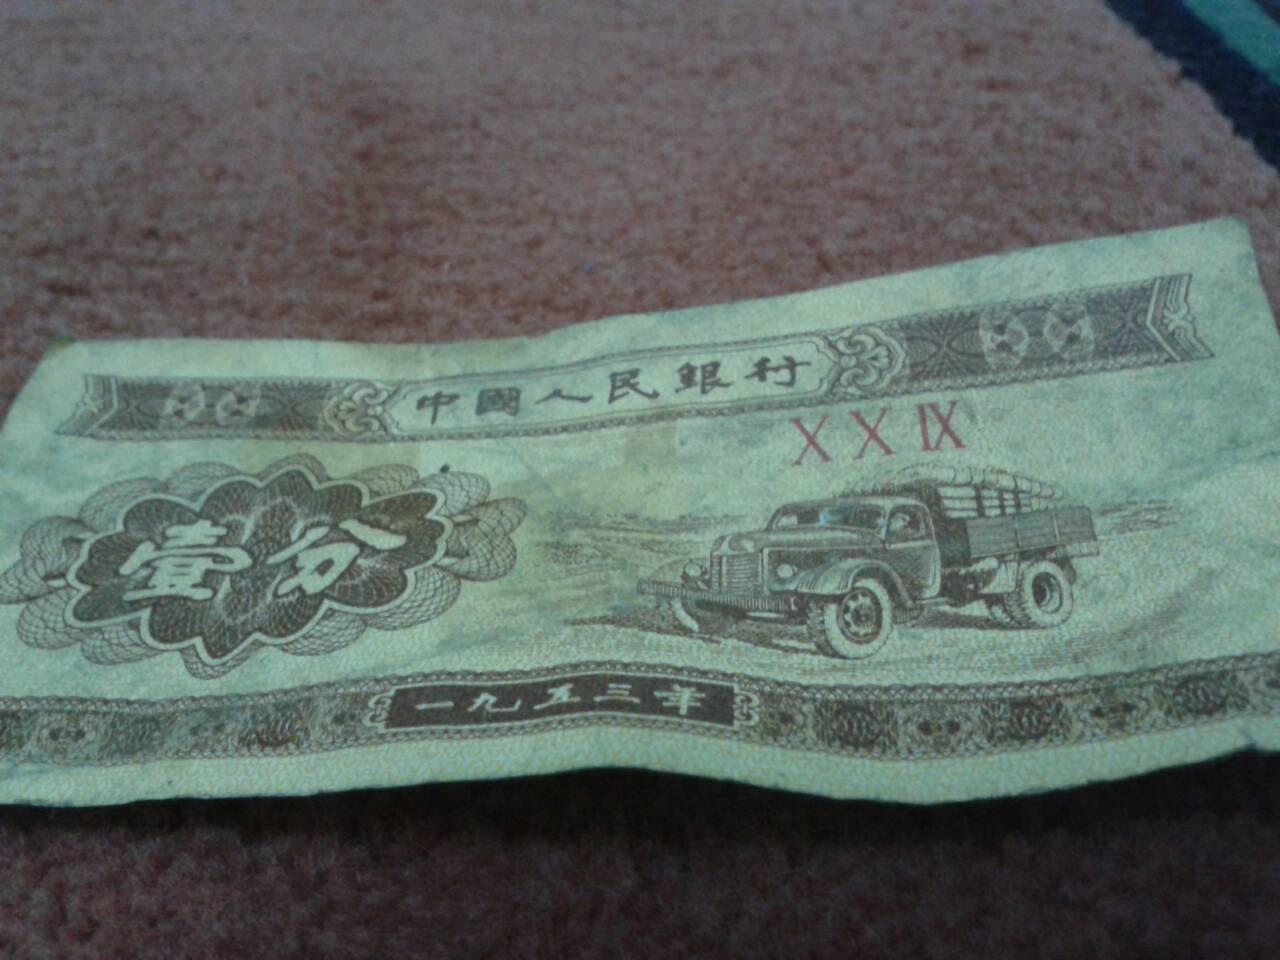 一分钱纸币价格_请问这张一分钱纸币值多少钱呢?